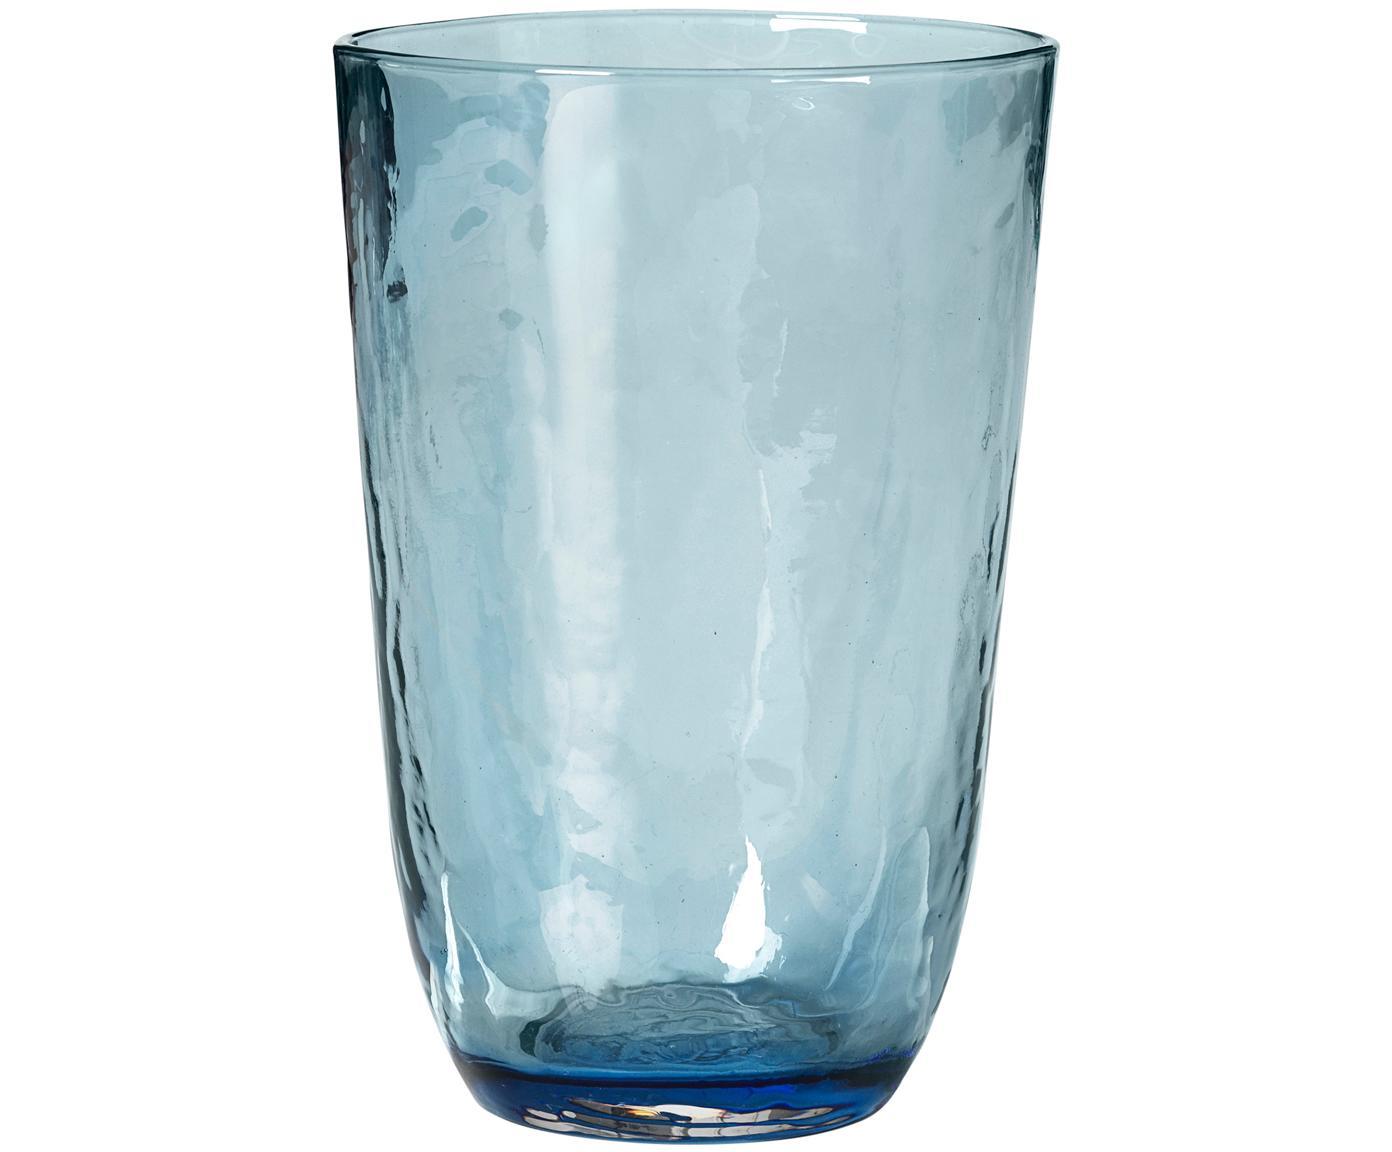 Szklanka do wody ze szkła dmuchanego  Hammered, 4 szt., Szkło dmuchane, Niebieski, transparentny, Ø 9 x W 14 cm